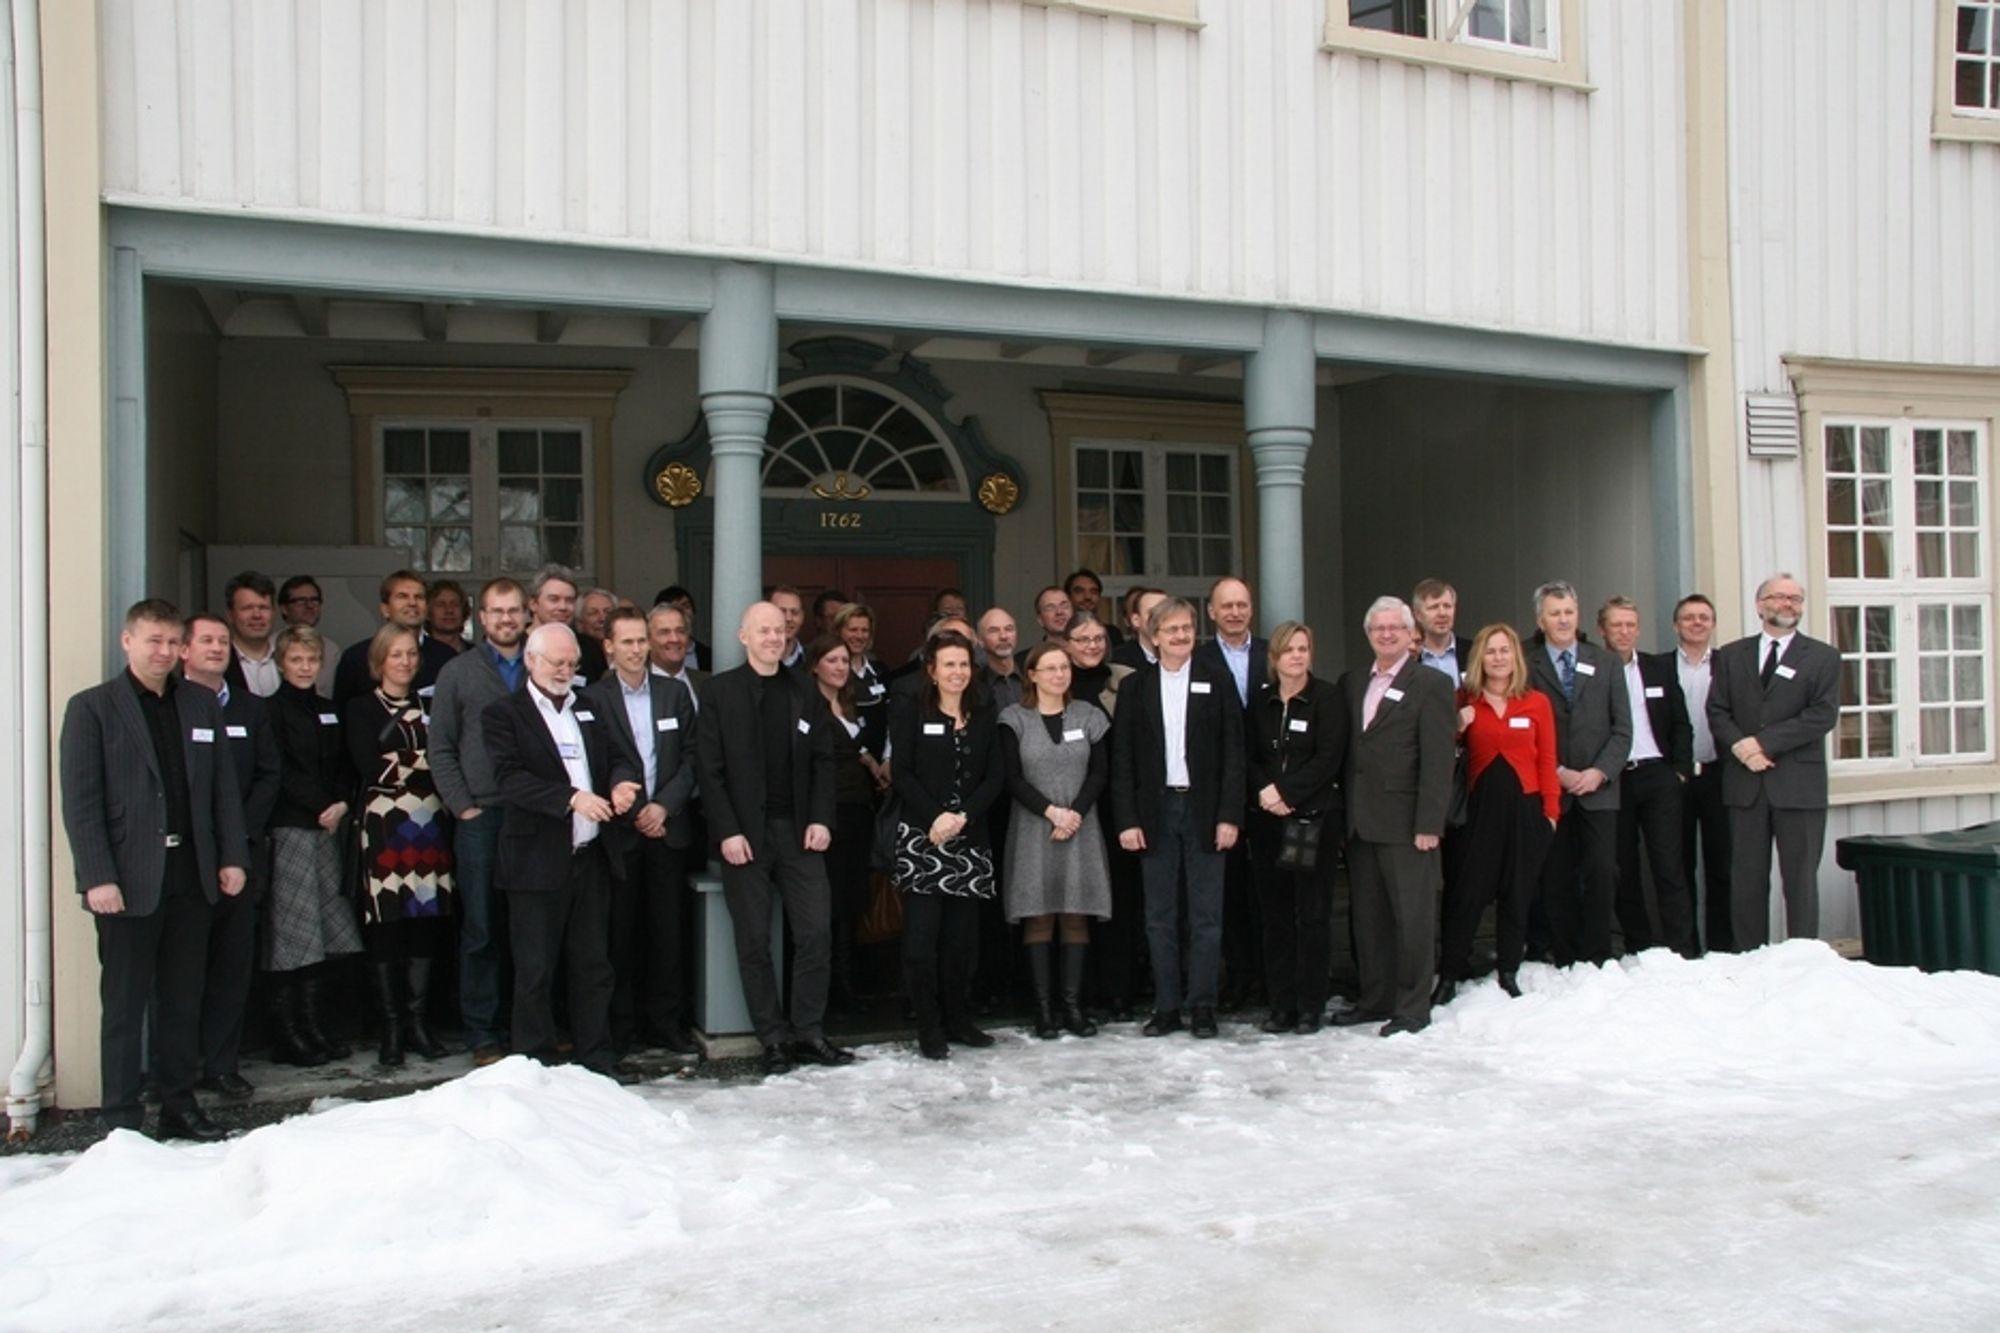 ENERGISPARERE: Det var stort oppmøte av deltakere da startskuddet for Norges største byggforskningsprosjekt gikk i Trondheim. Interessen er stor og byggenæringen stiller med like mange som forskningsinstitusjonene.